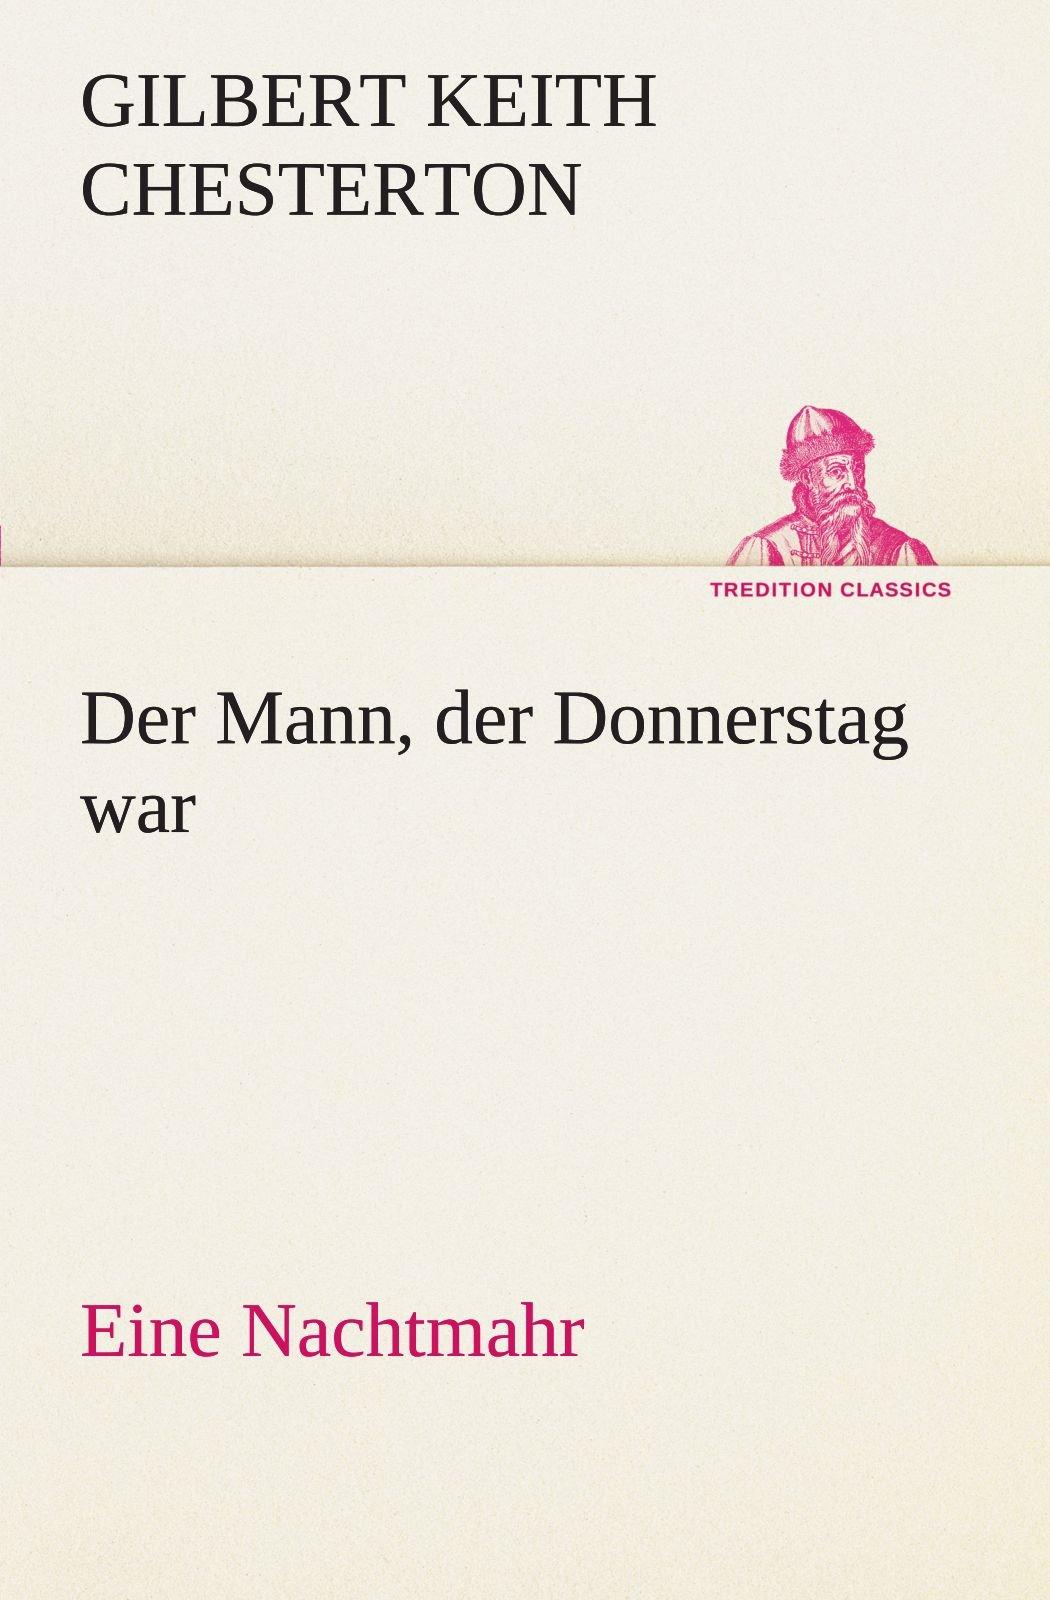 Der Mann, der Donnerstag war: Eine Nachtmahr (TREDITION CLASSICS) (German Edition) ebook